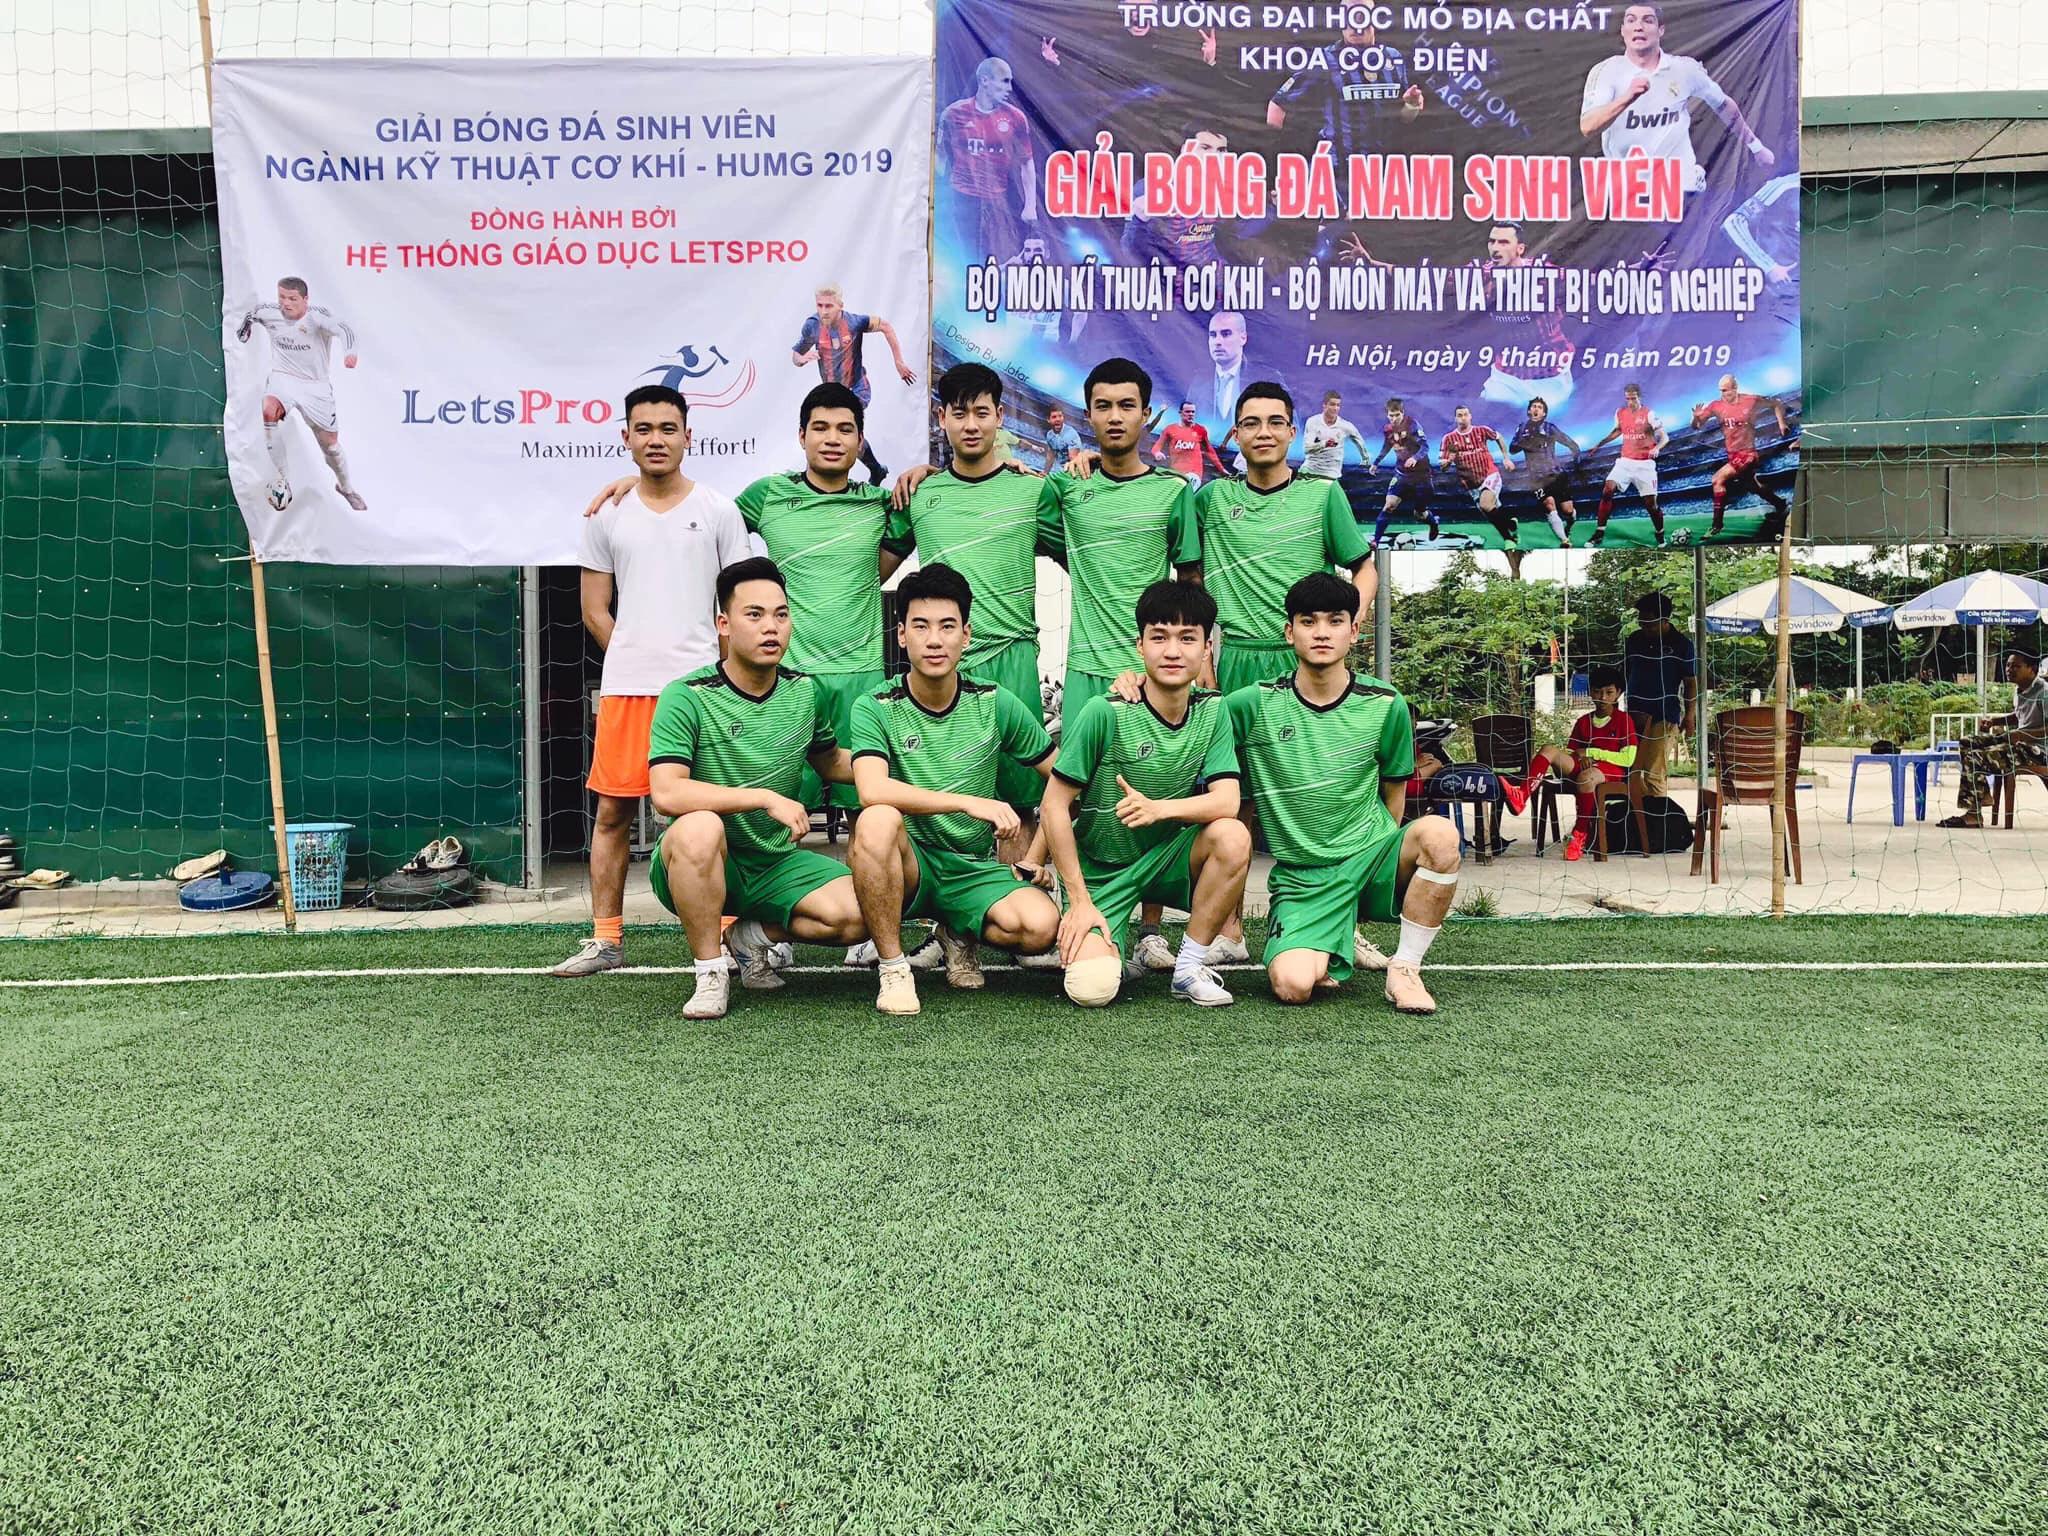 Tuấn Anh là người đam mê thể thao, thường xuyên giành giải nhất trong các giải bóng đá học đường trong Khoa, Trường